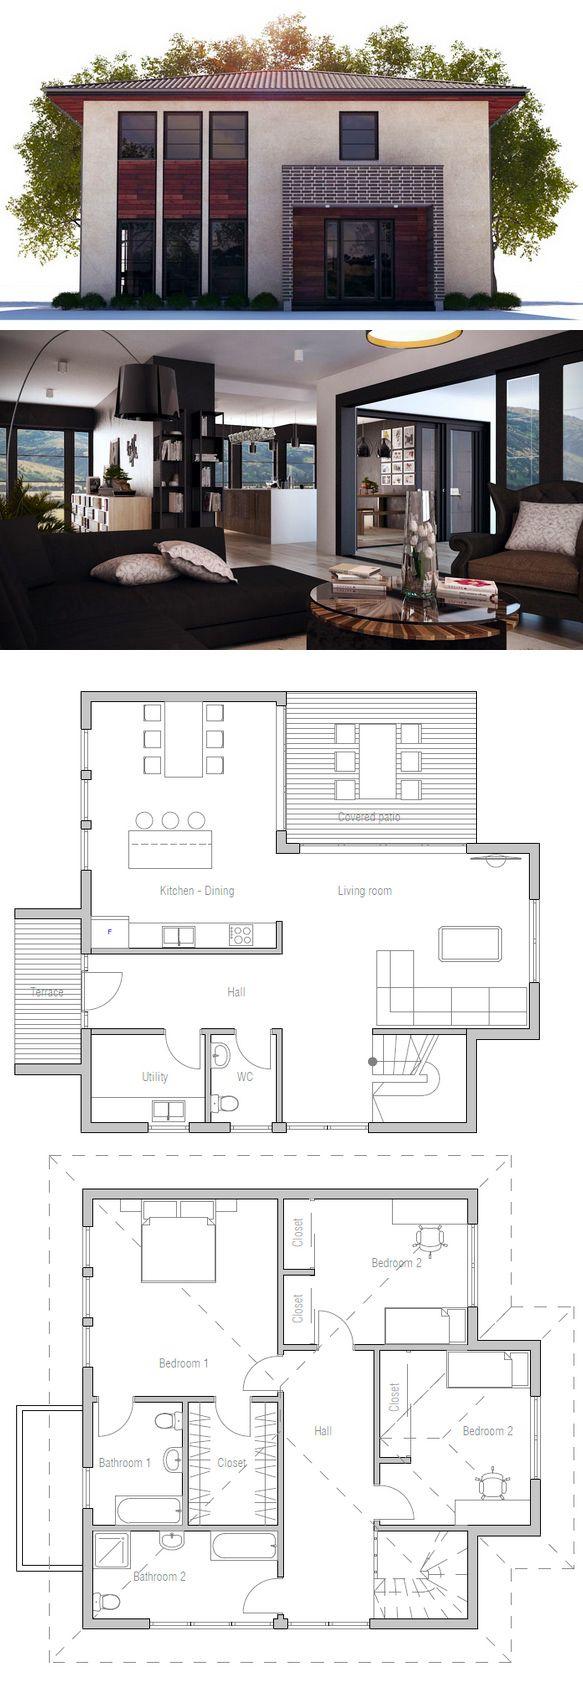 Grundrisse traumhaus gemütliche wohnzimmer moderne häuser innenarchitektur einrichtung kleine häuser haus design grundrisse